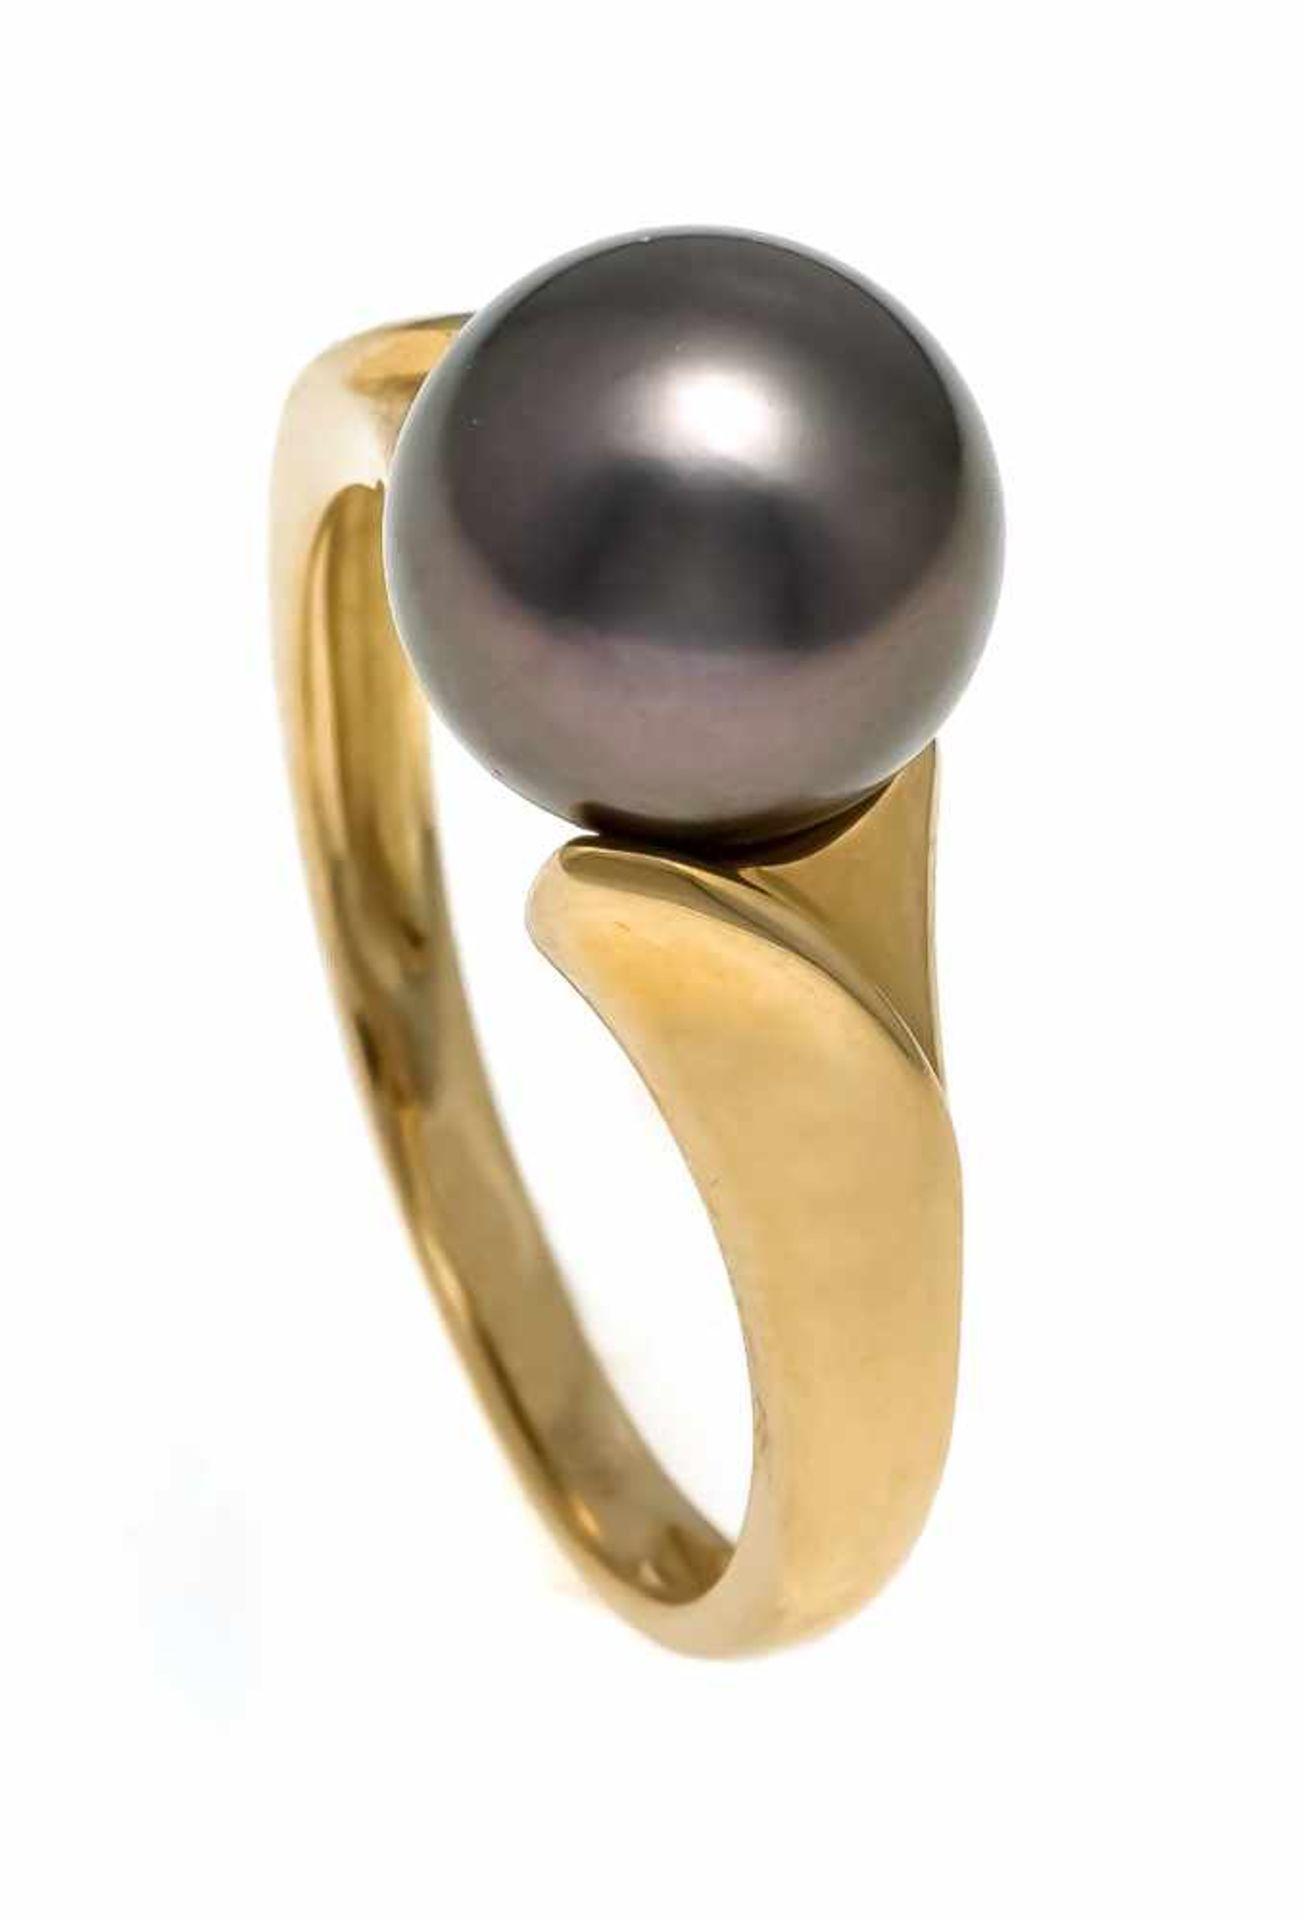 Tahiti-Ring GG 585/000 mit einer Tahitiperle 9,5 mm mit sehr sehr wenig natürlichen Merkmalen und